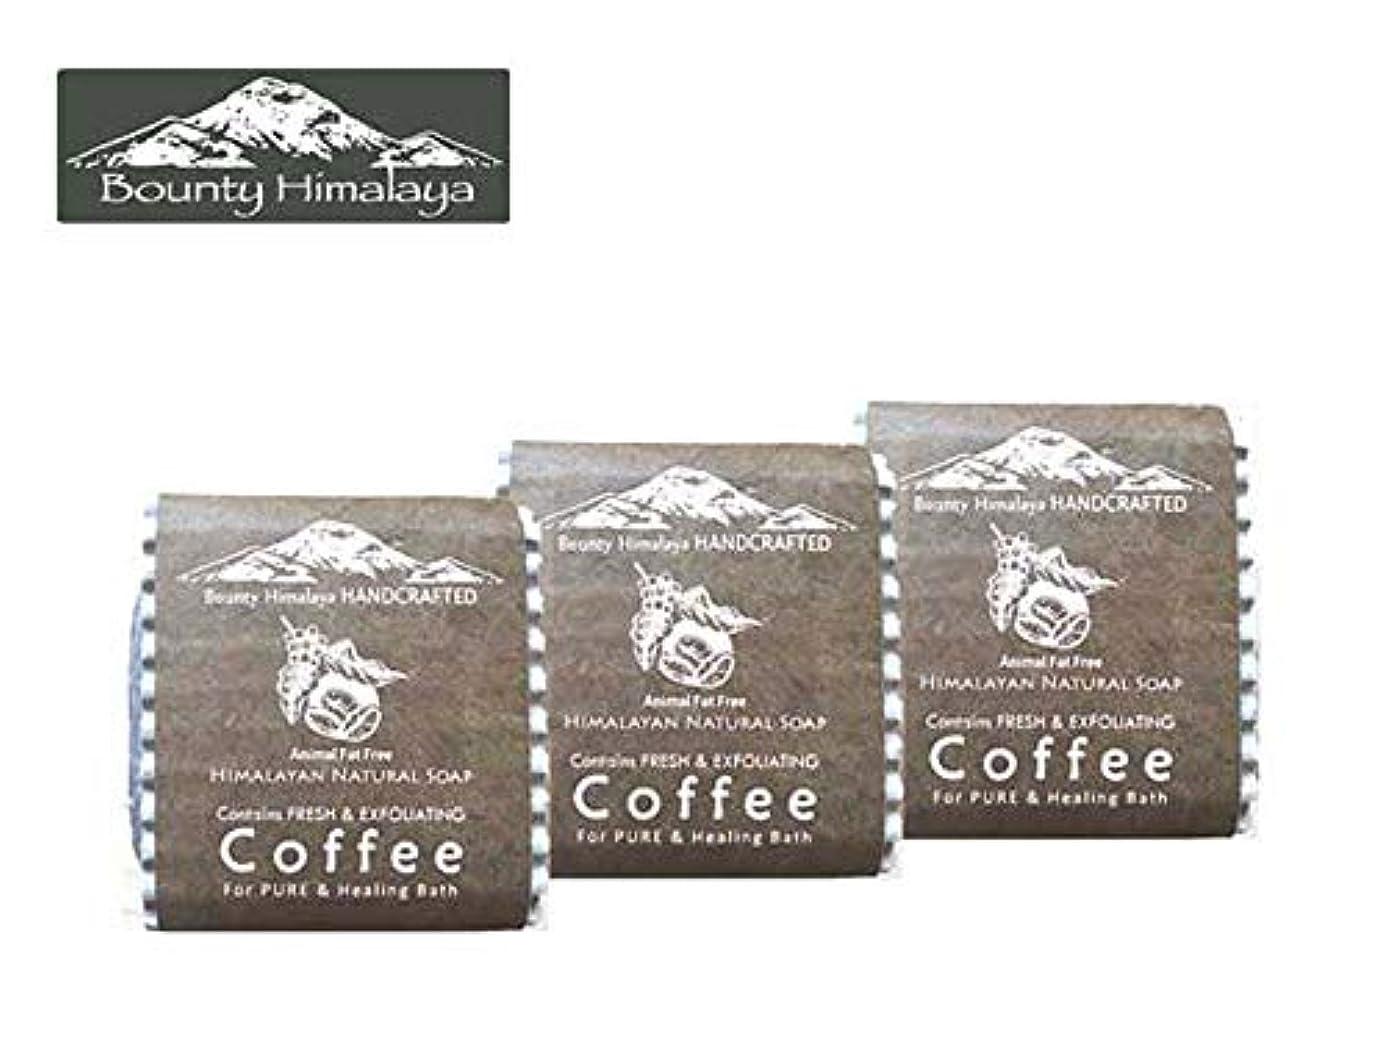 おばあさん恐ろしい感情アーユルヴェーダ ヒマラヤ コーヒー ソープ3セット Bounty Himalaya Coffee SOAP(NEPAL AYURVEDA) 100g